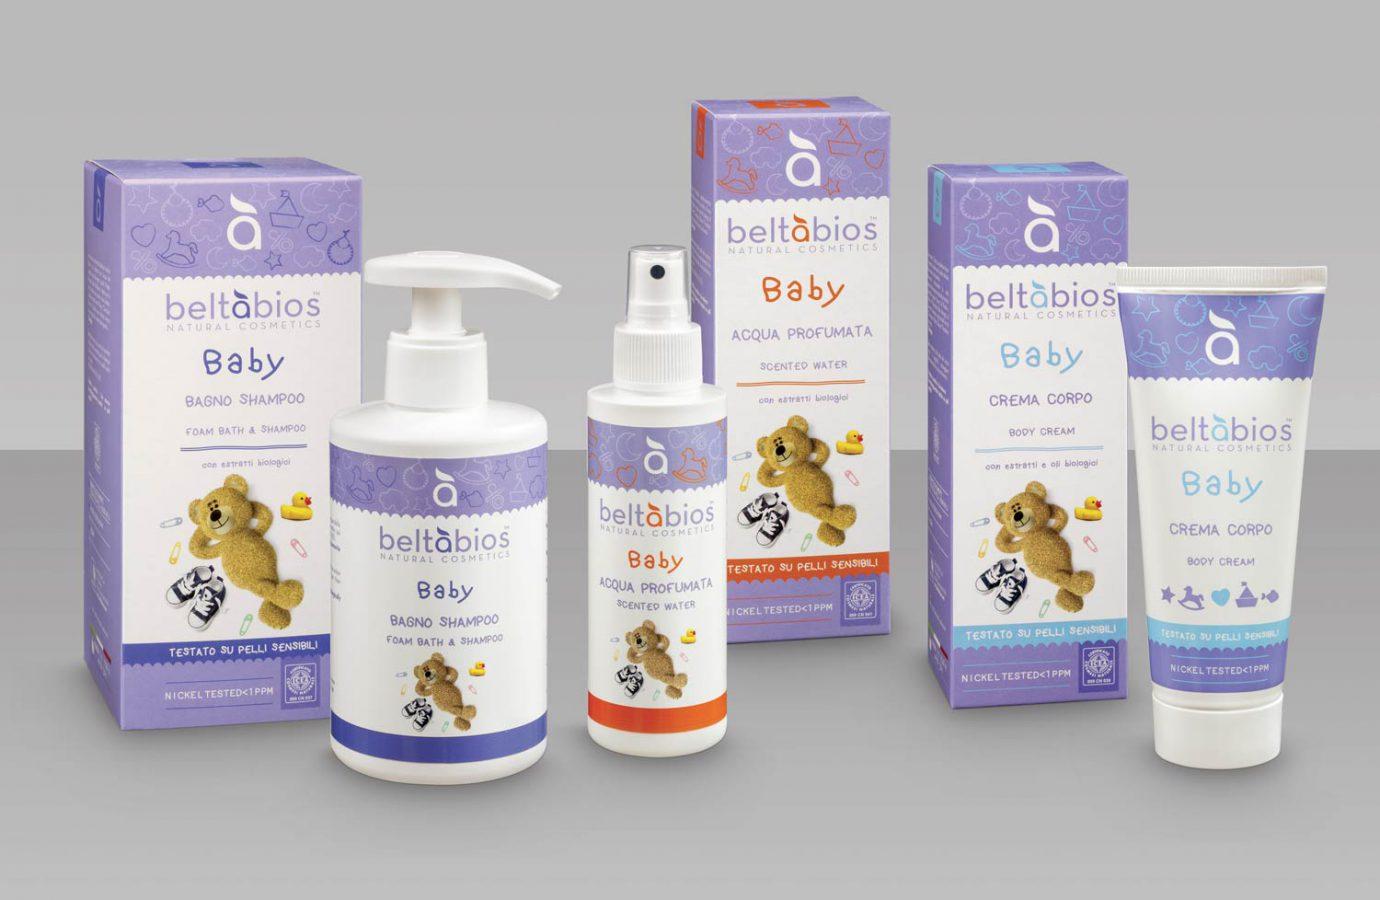 Packaging design linea di prodotti cosmetici naturali per bambini realizzato da WillBe